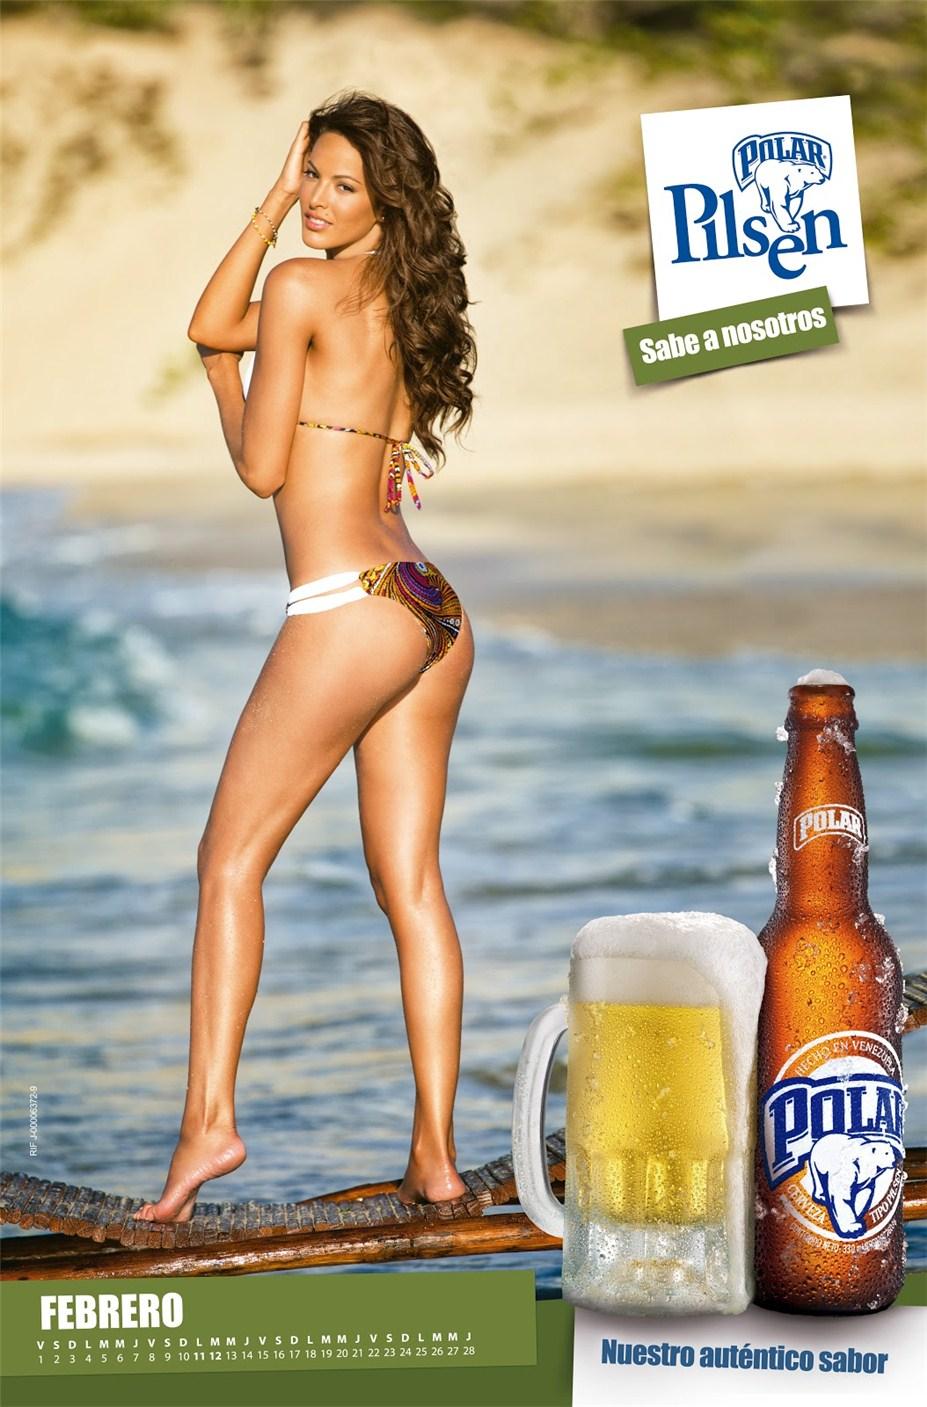 Девушки в купальниках в календаре пива Polar Pilsen на 2013 год